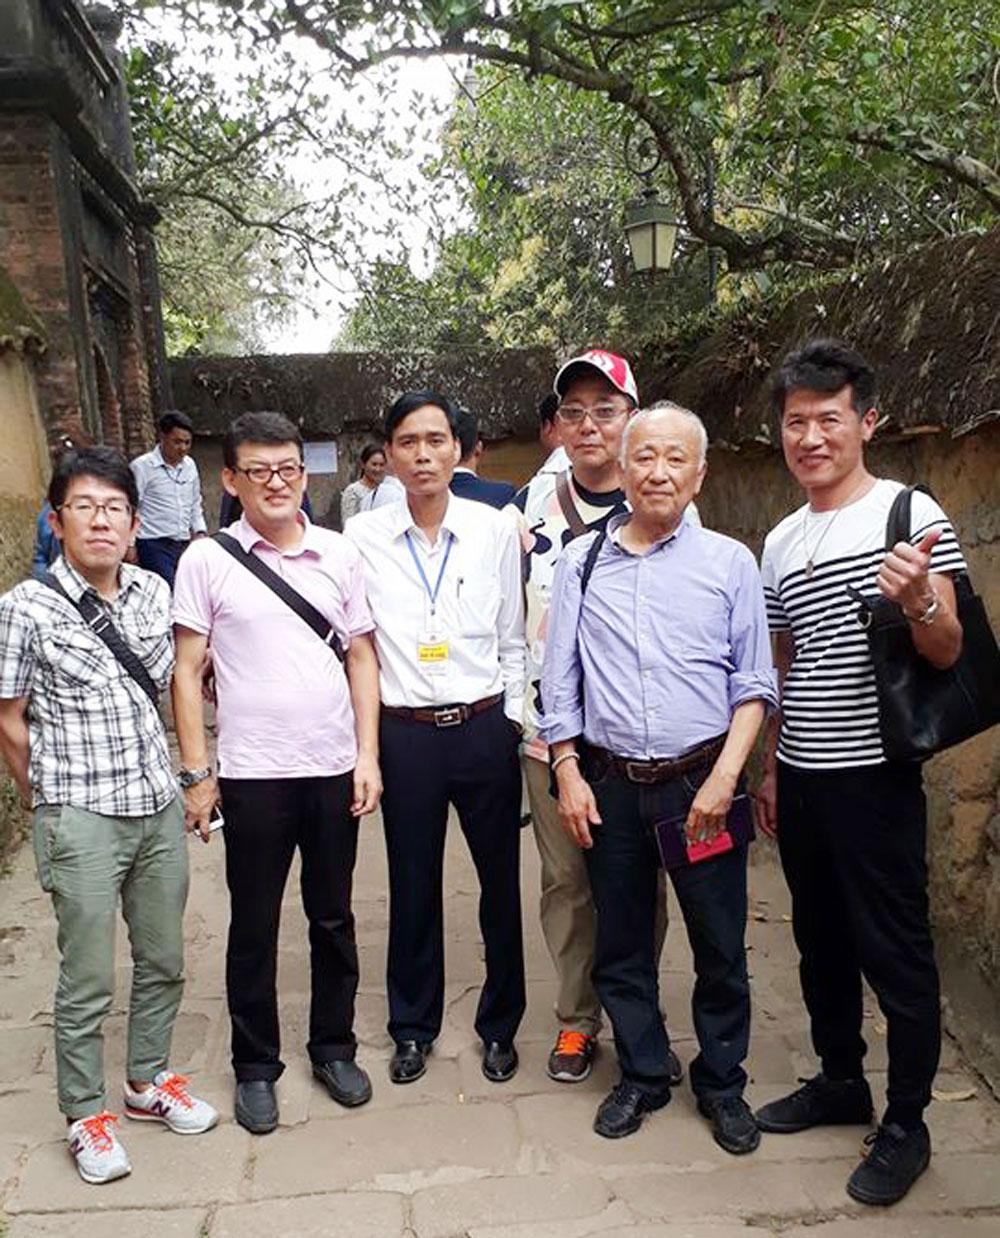 Bắc Giang,  100 nghìn lượt,  du khách,  dự lễ hội,  chùa Bổ Đà